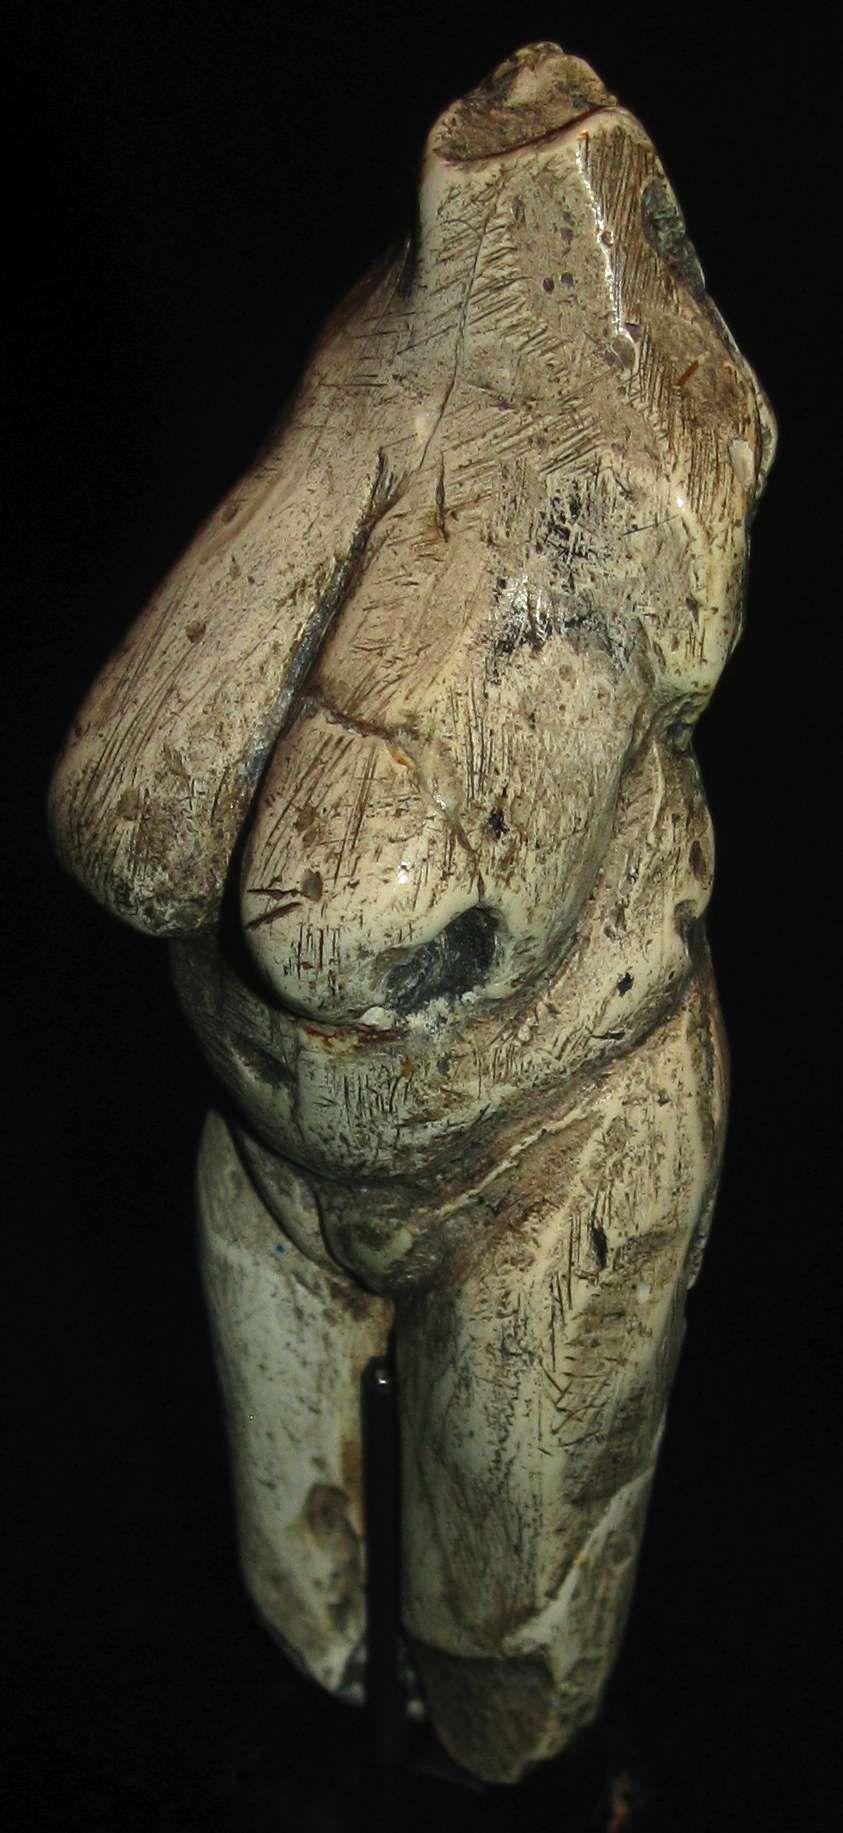 Venus von Moravany, Slowakei,   Elfenbein, 22 000 - 24 000 Jahre Years, Leihgabe: Slowakische Akademie der Wissenshaften in Nitra,   Mammoth Ivory